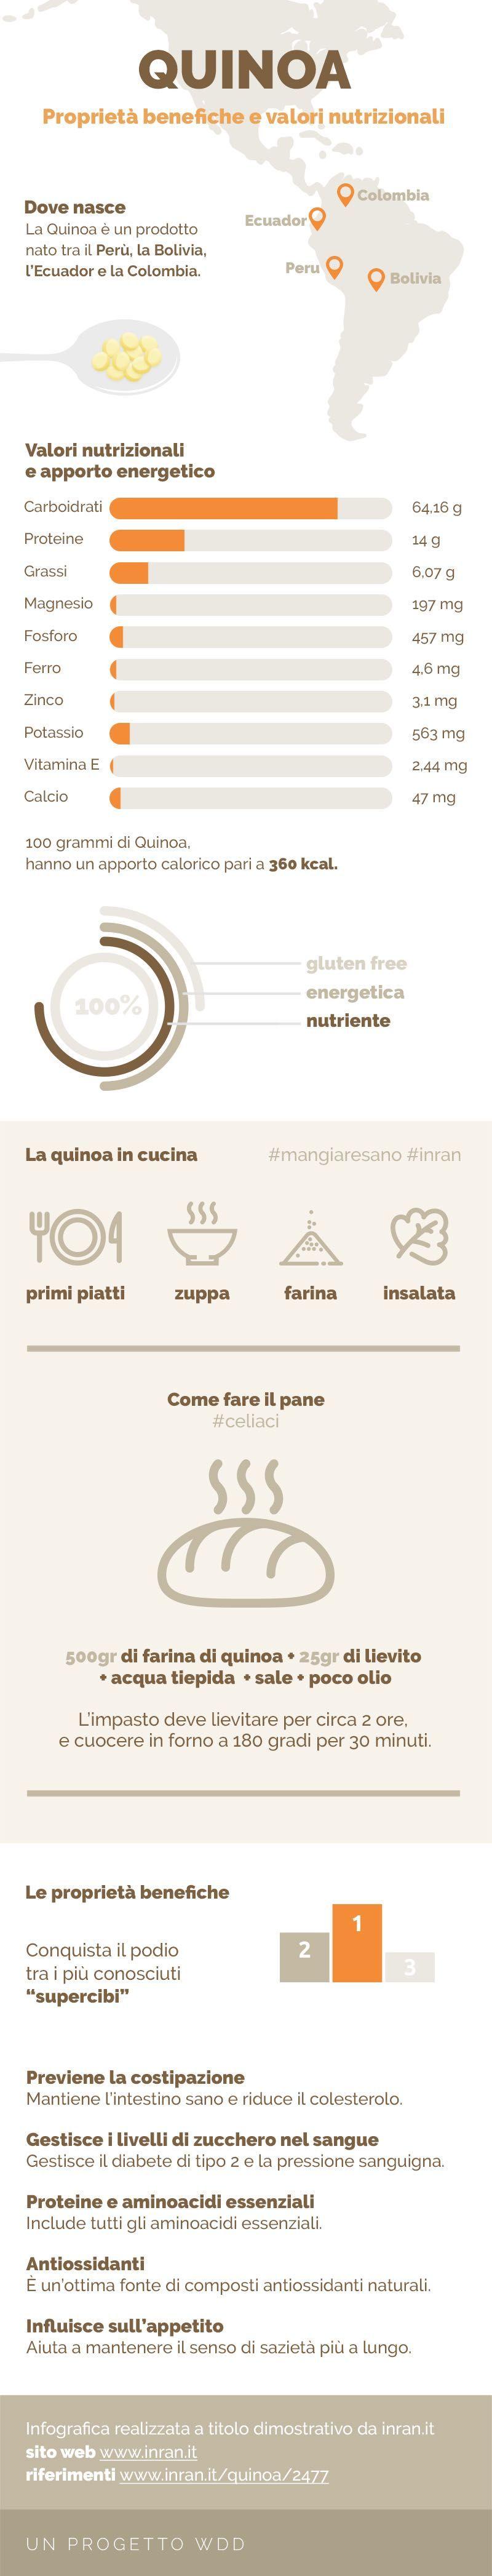 infografica sulla quinoa